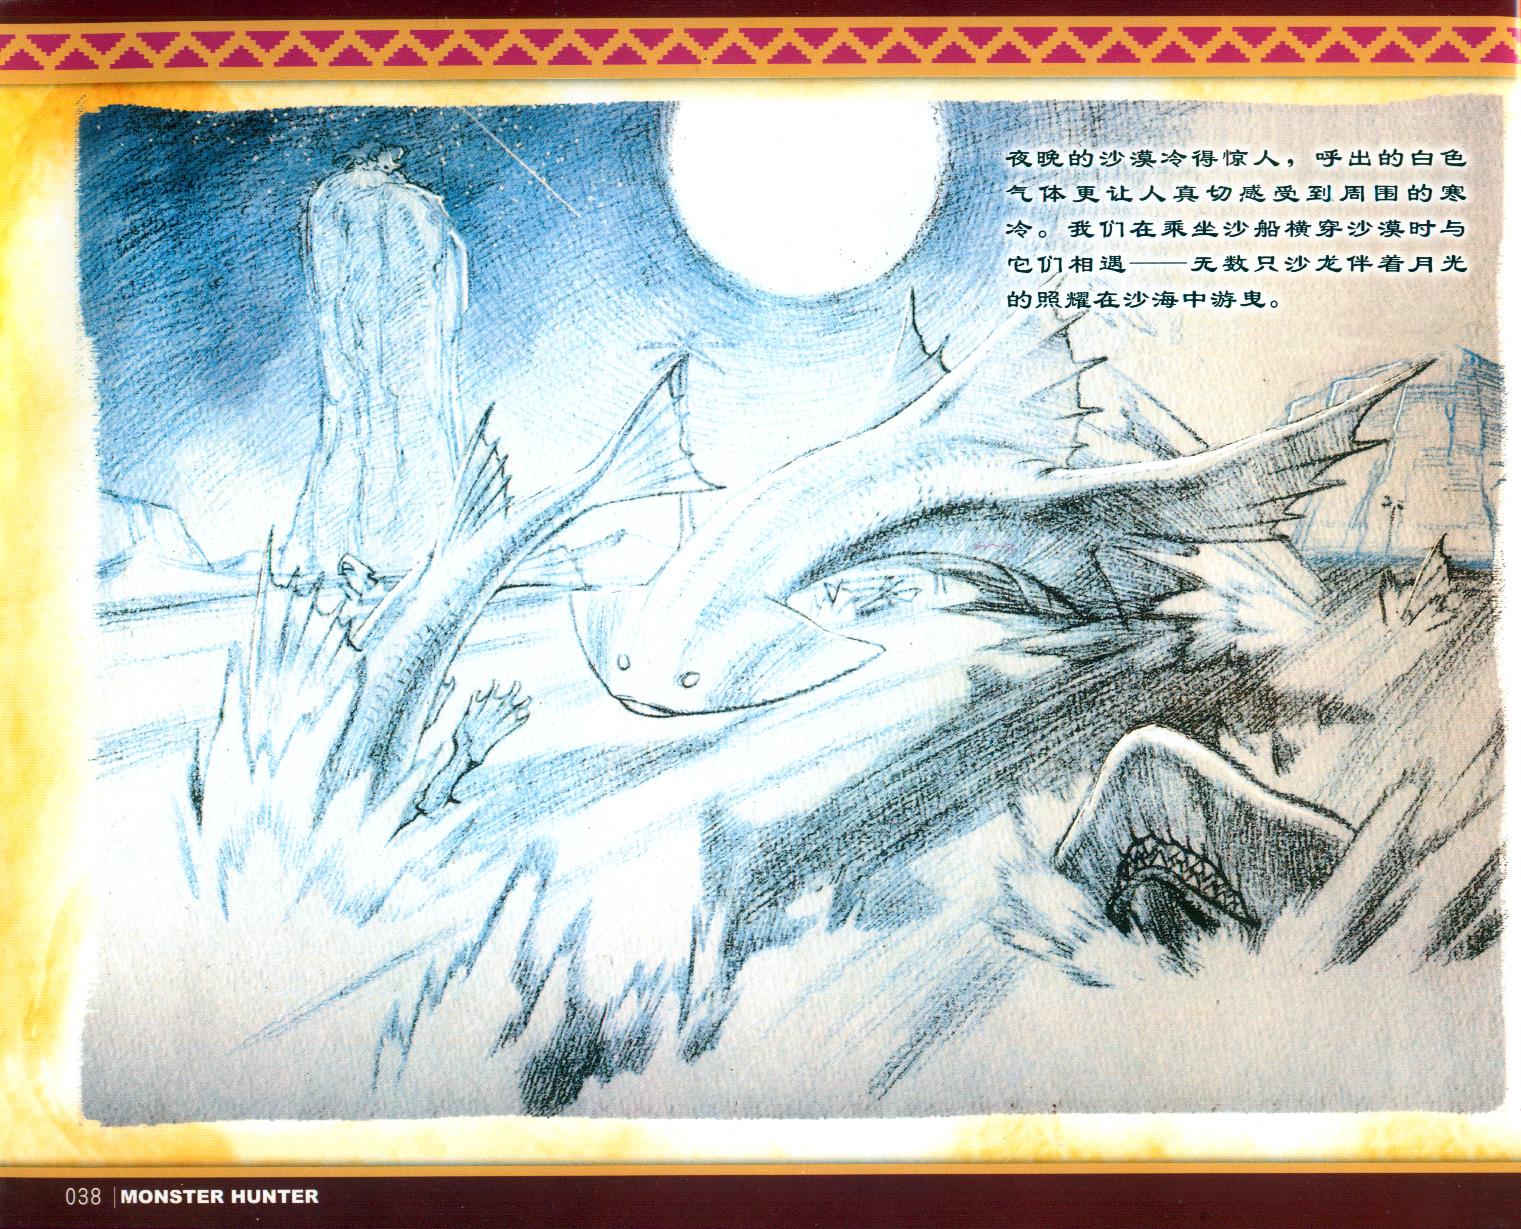 038_关注-游艺网GAME798海量资源下载怪物猎人终极画集.jpg